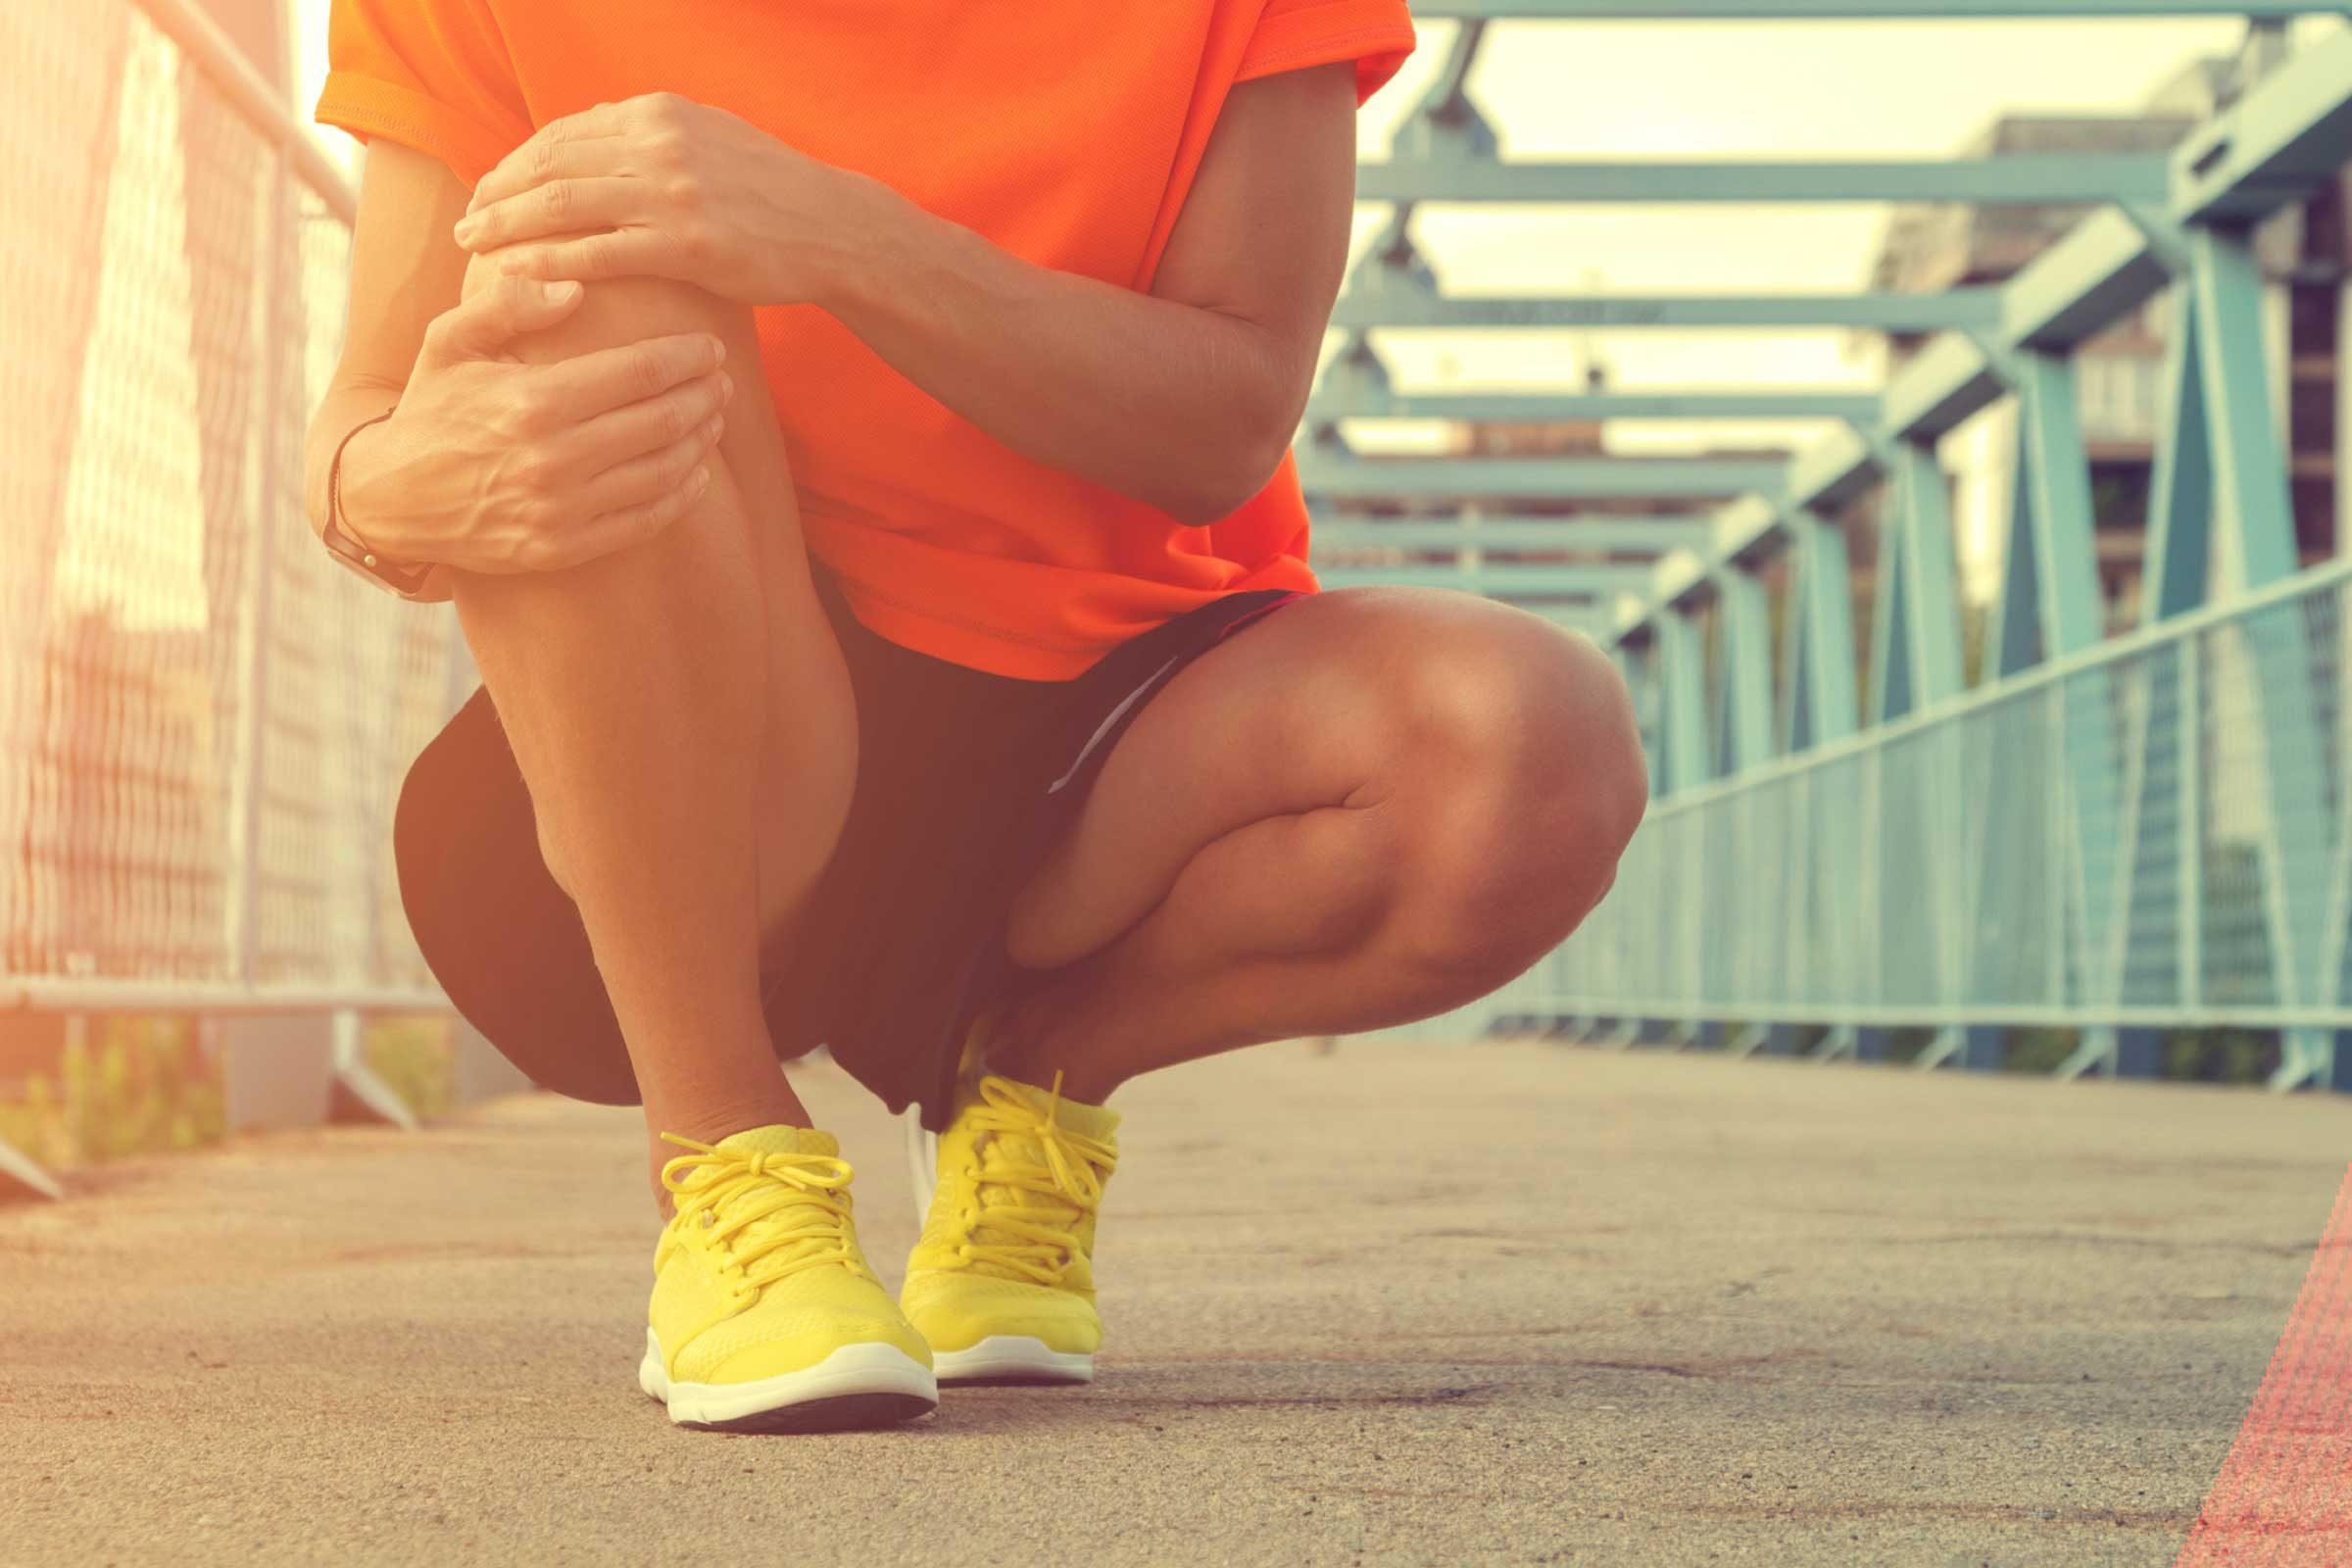 Secret du corps: ne seule blessure au genou pourrait augmenter les risques d'arthrite post-traumatique